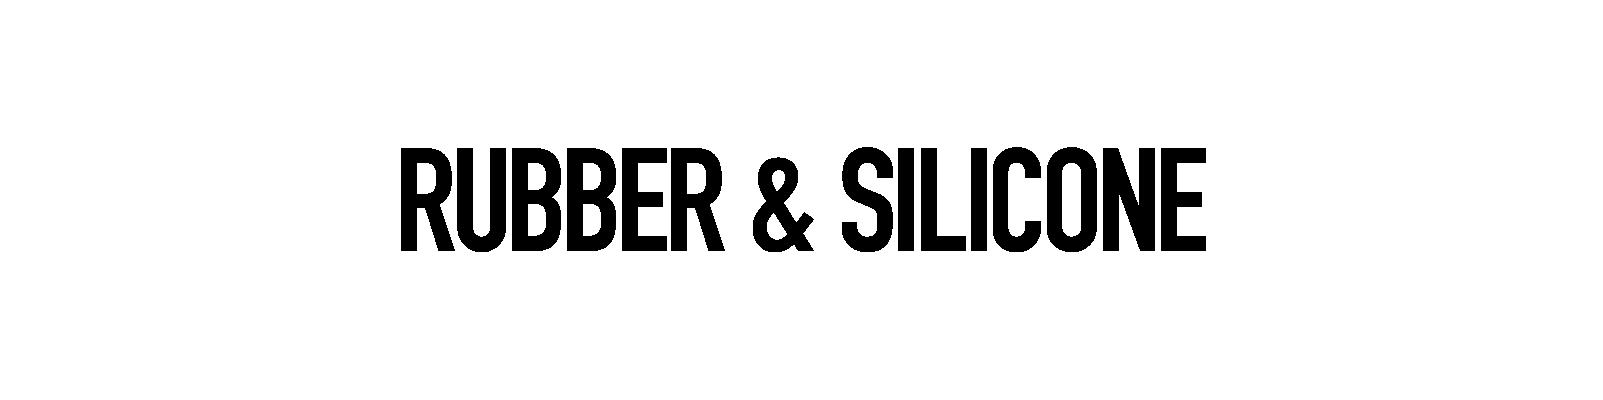 Rubber / Silicone